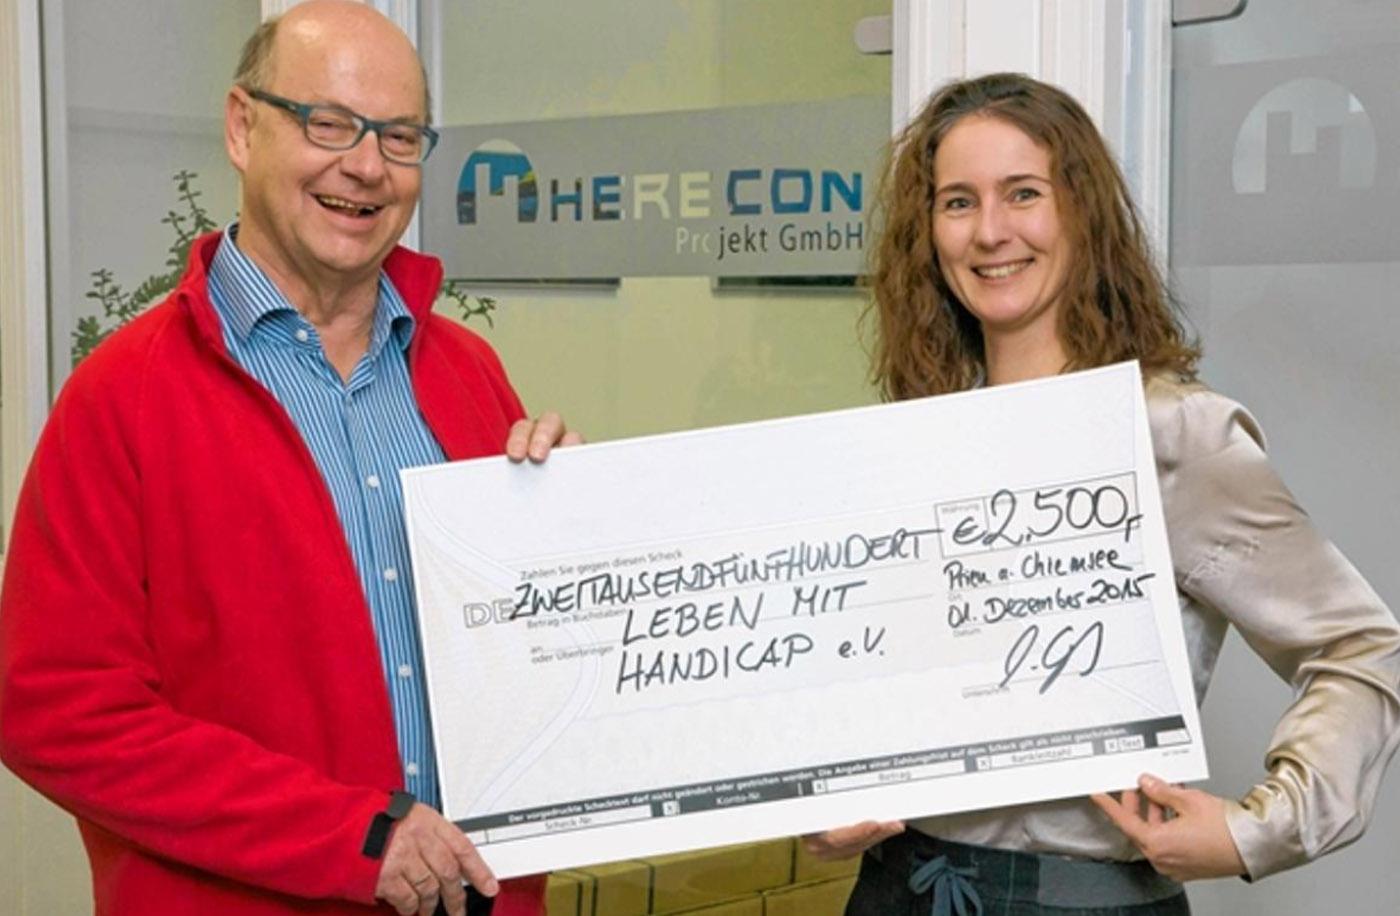 Herecon unterstützt Leben mit Handicap